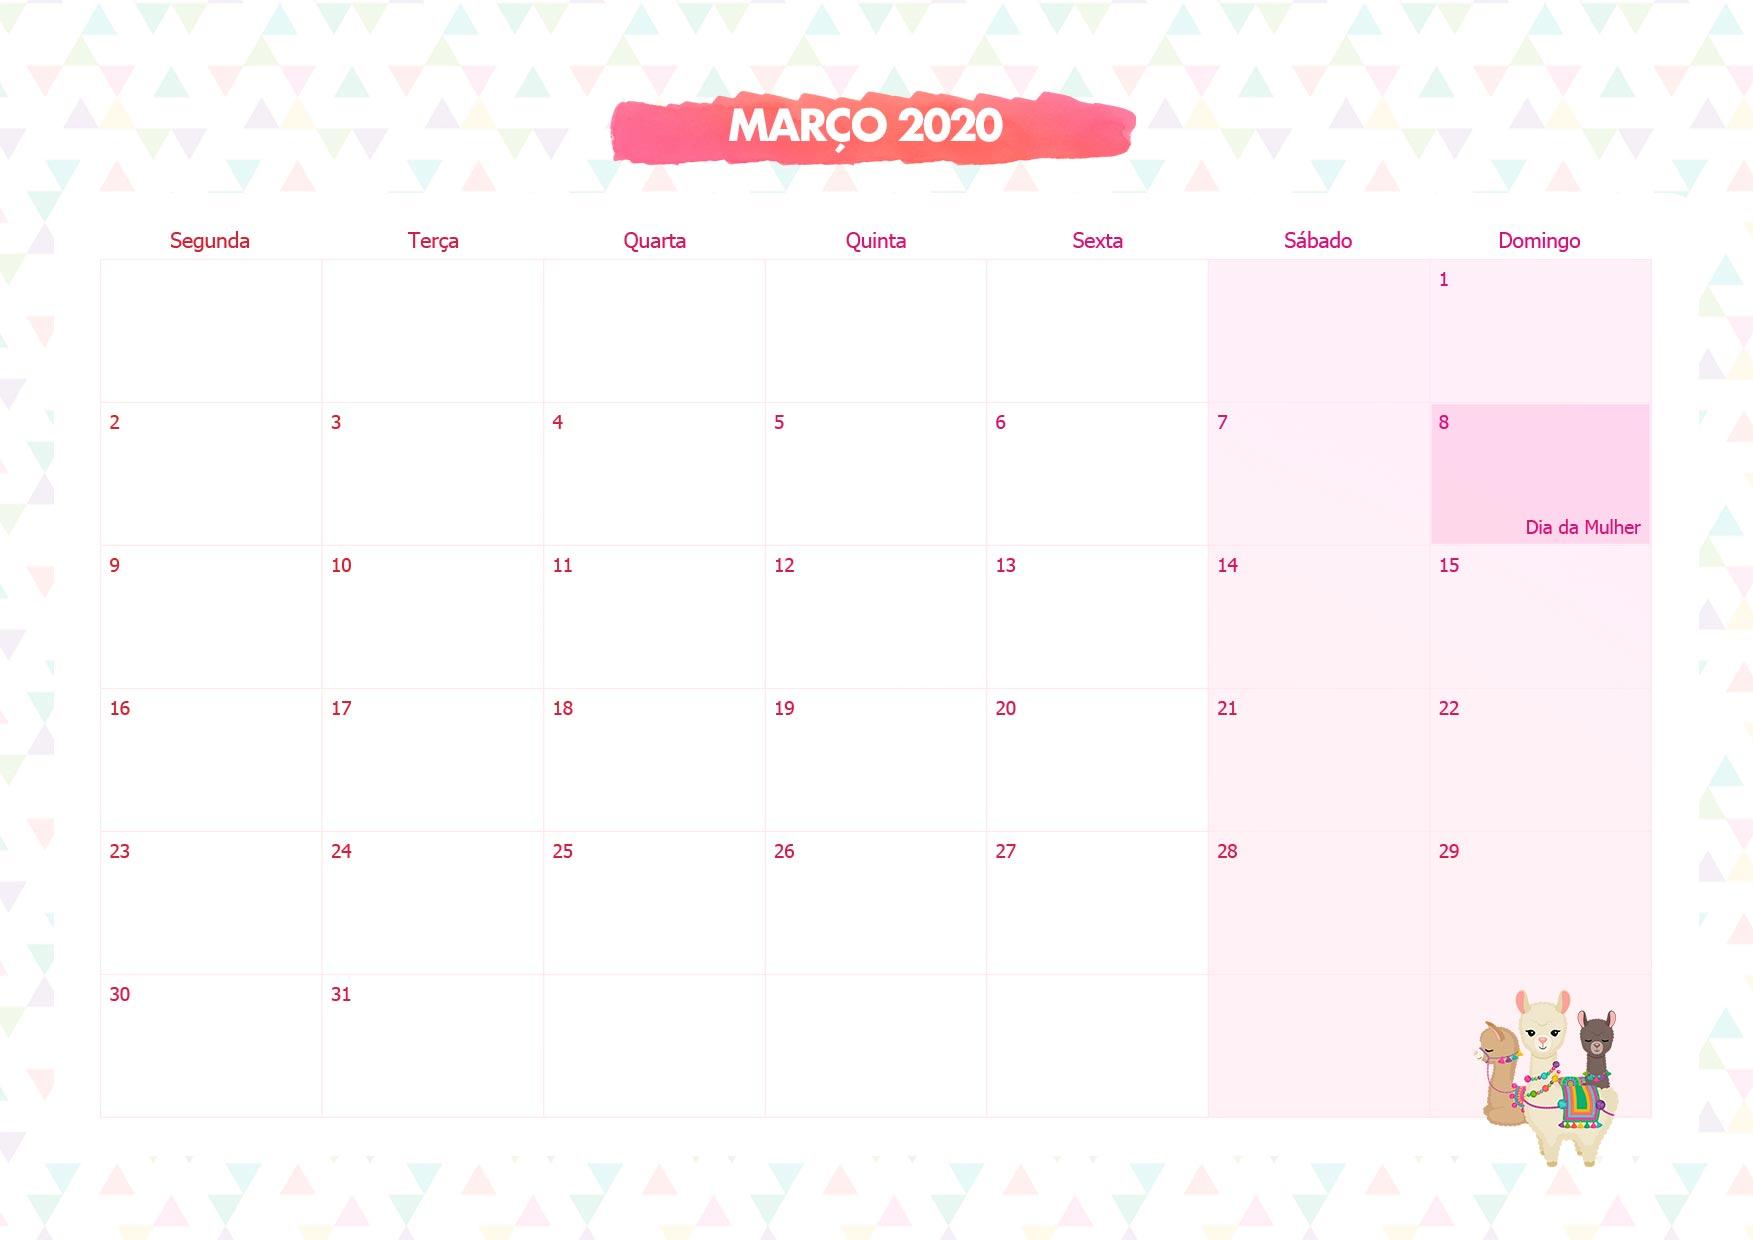 Calendario Mensal Lhama Rosa Marco 2020